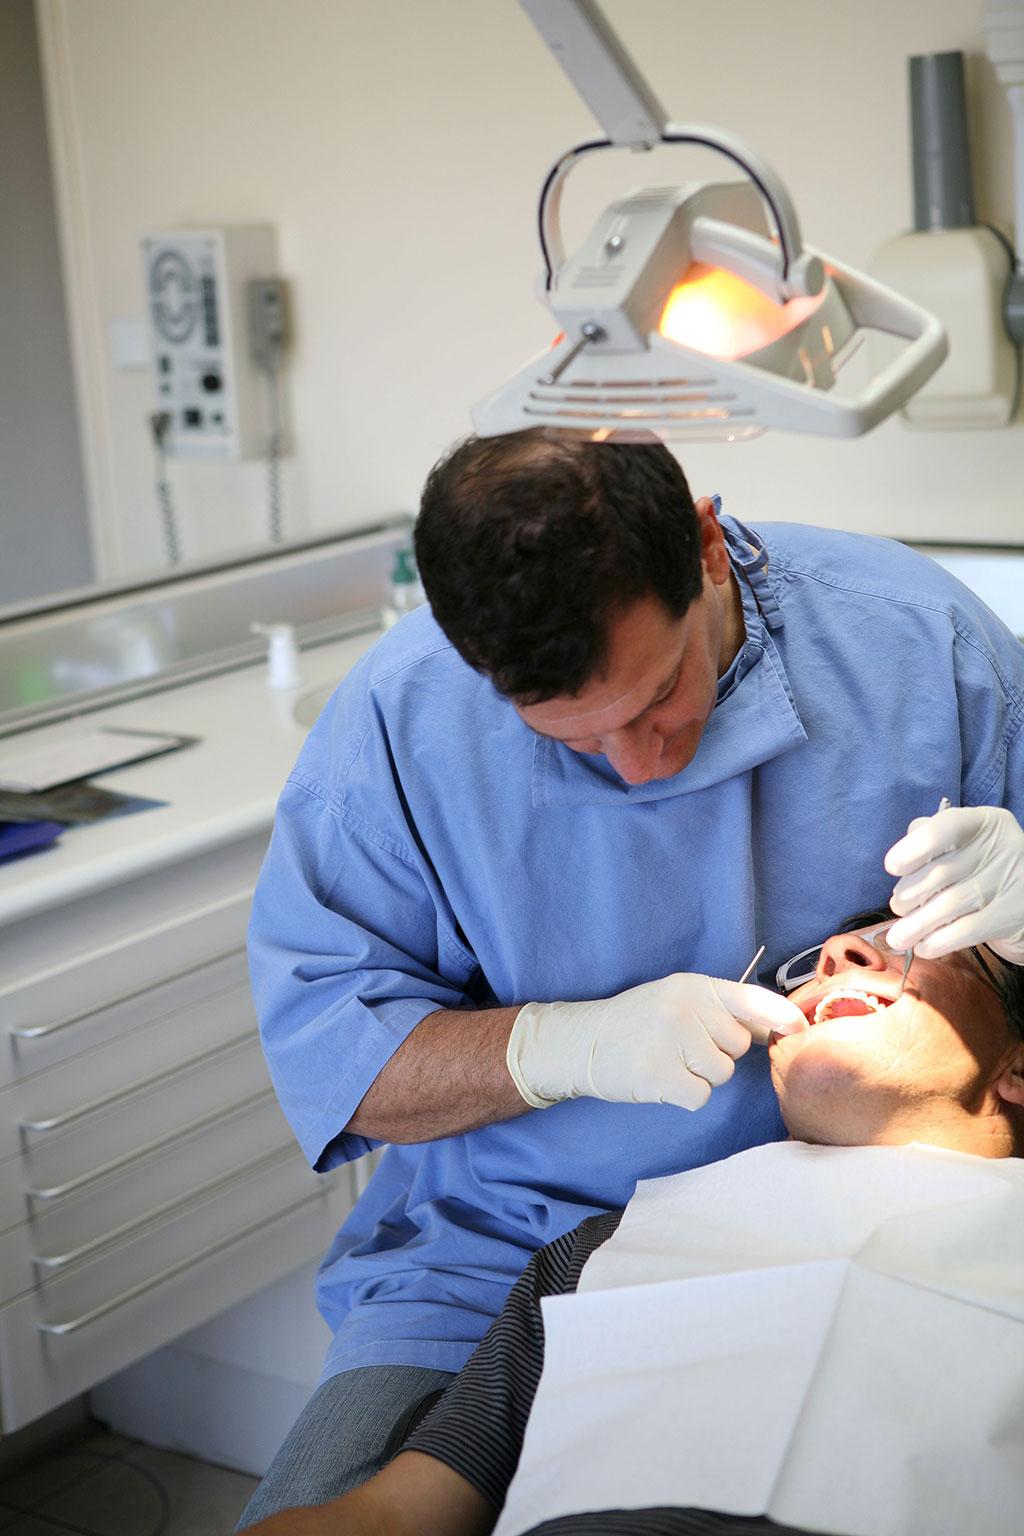 Prothèse dentaire : que propose la prothèse ?